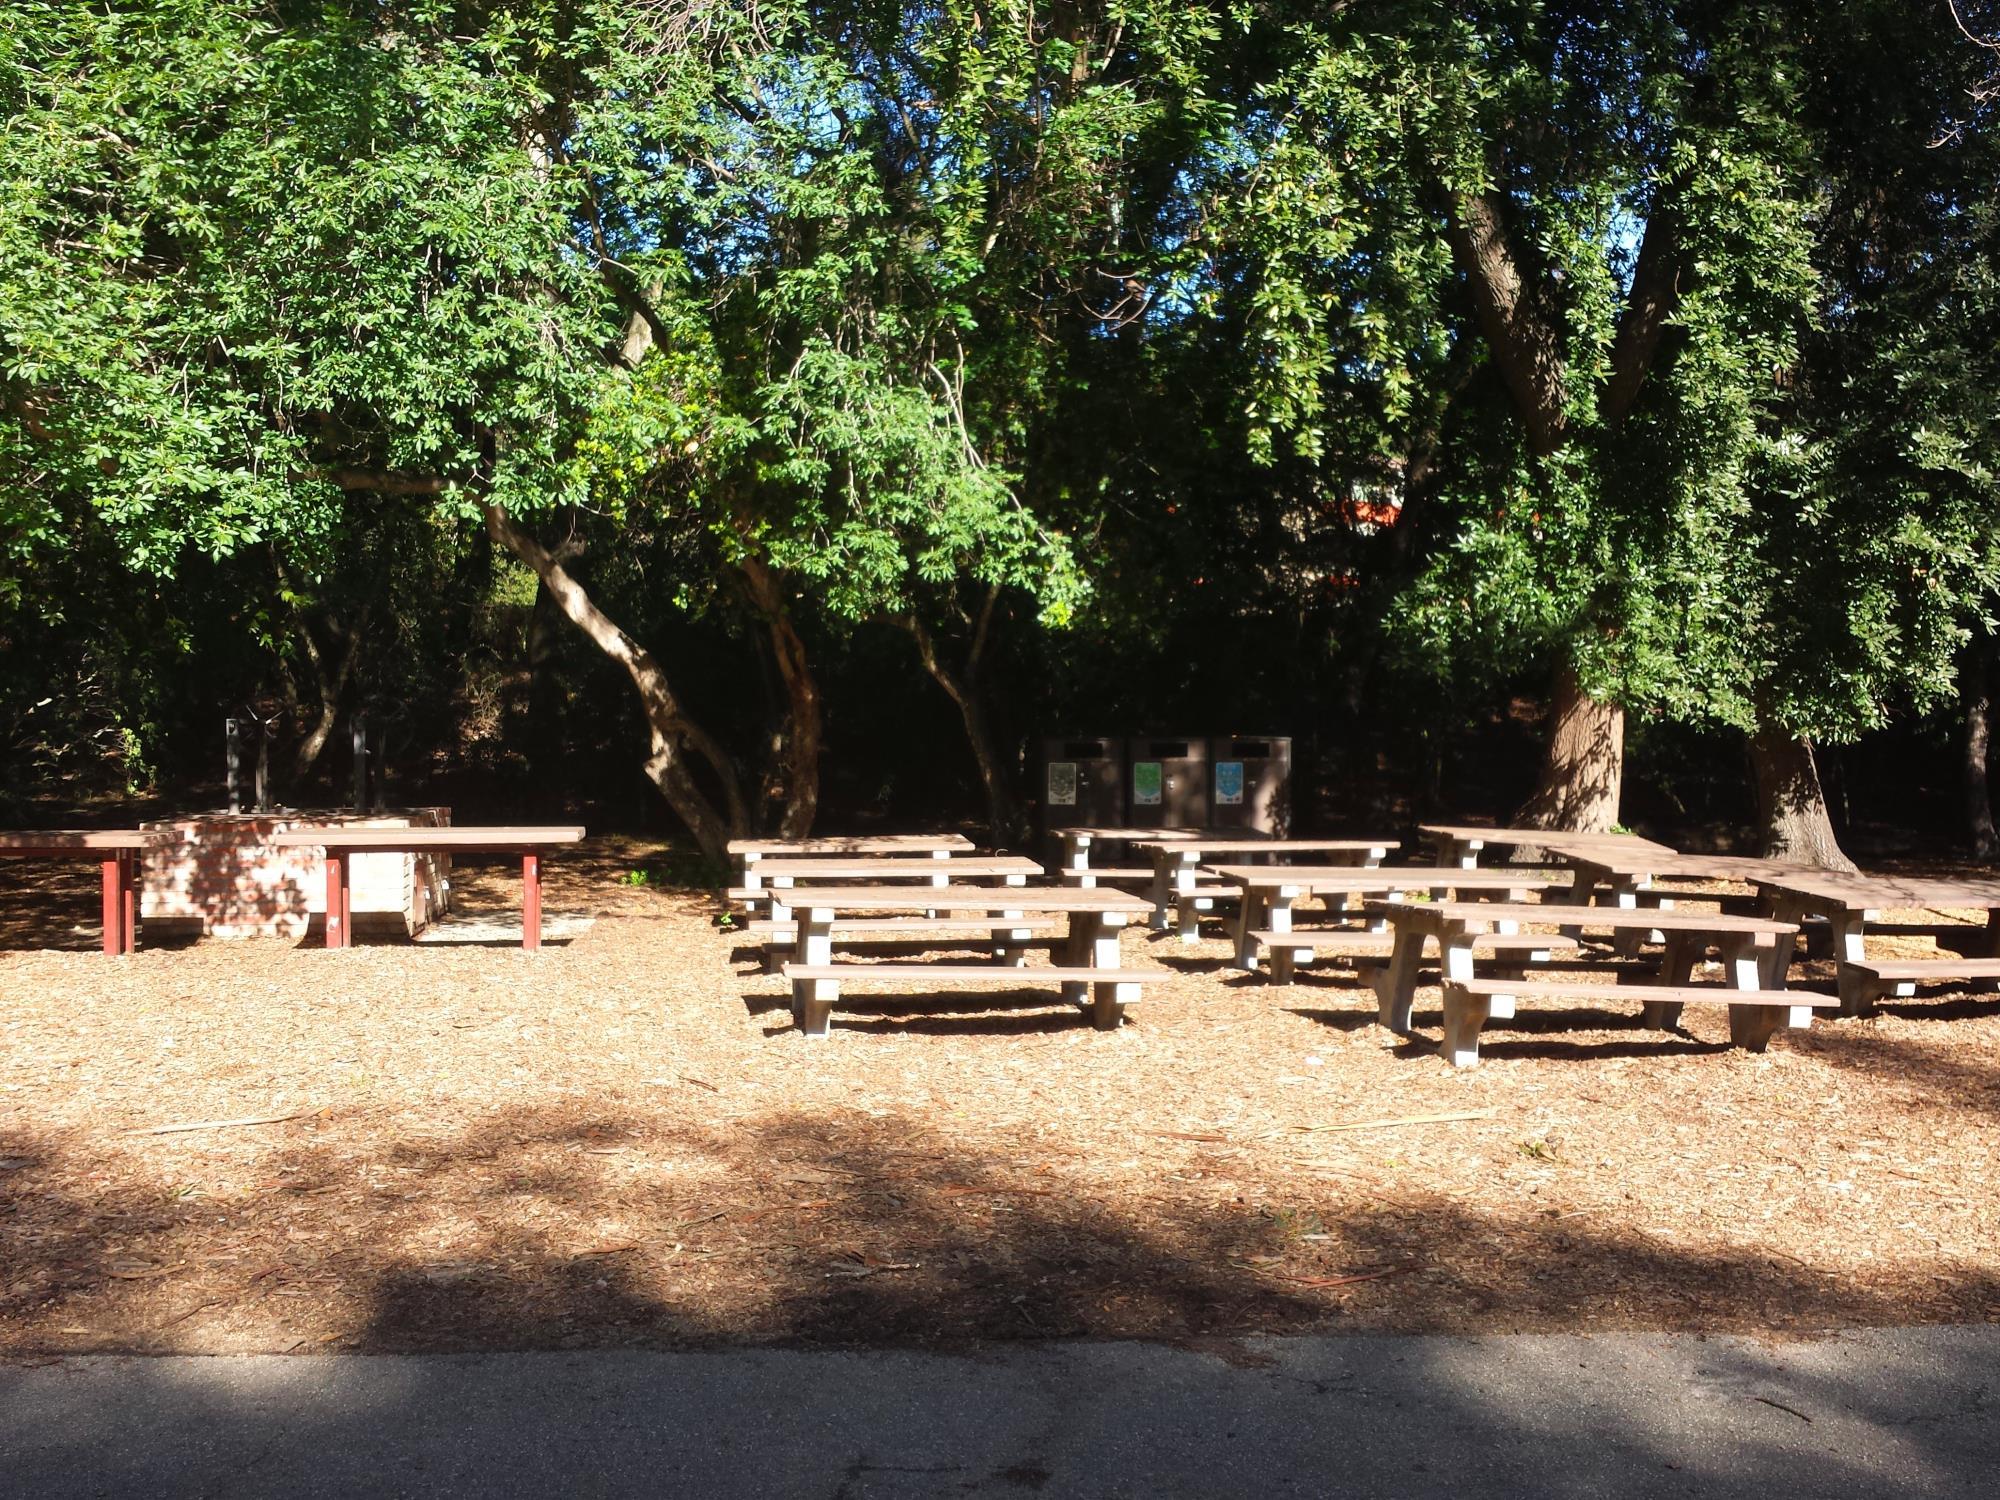 Buckeye Picnic Area 2